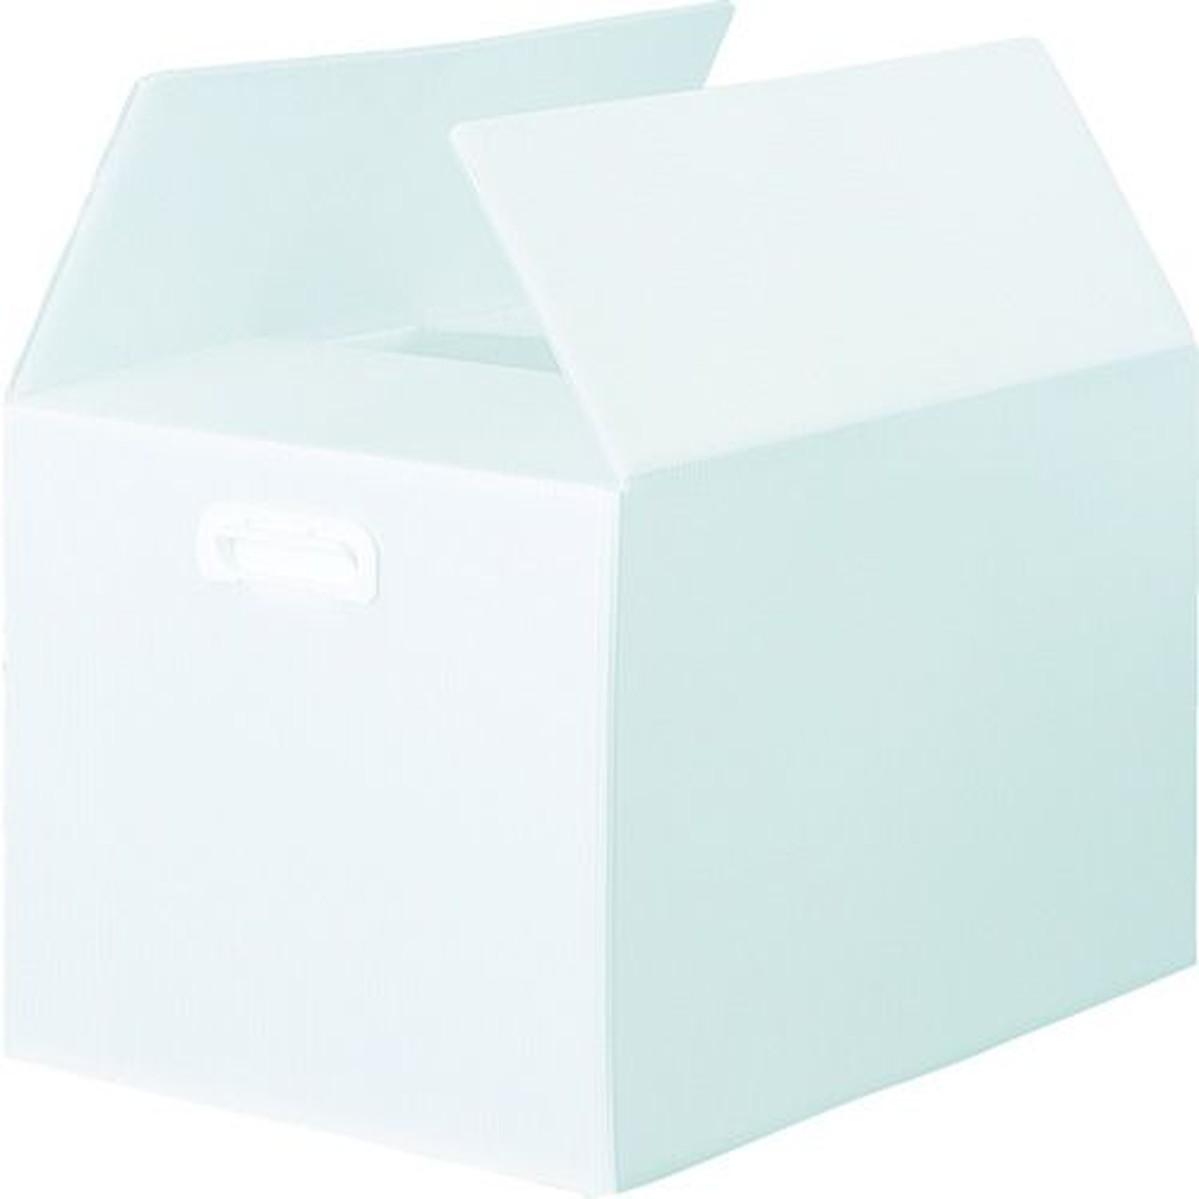 取っ手穴なし 半透明 ダンボールプラスチックケース 1S 5枚セット TRUSCO B3サイズ